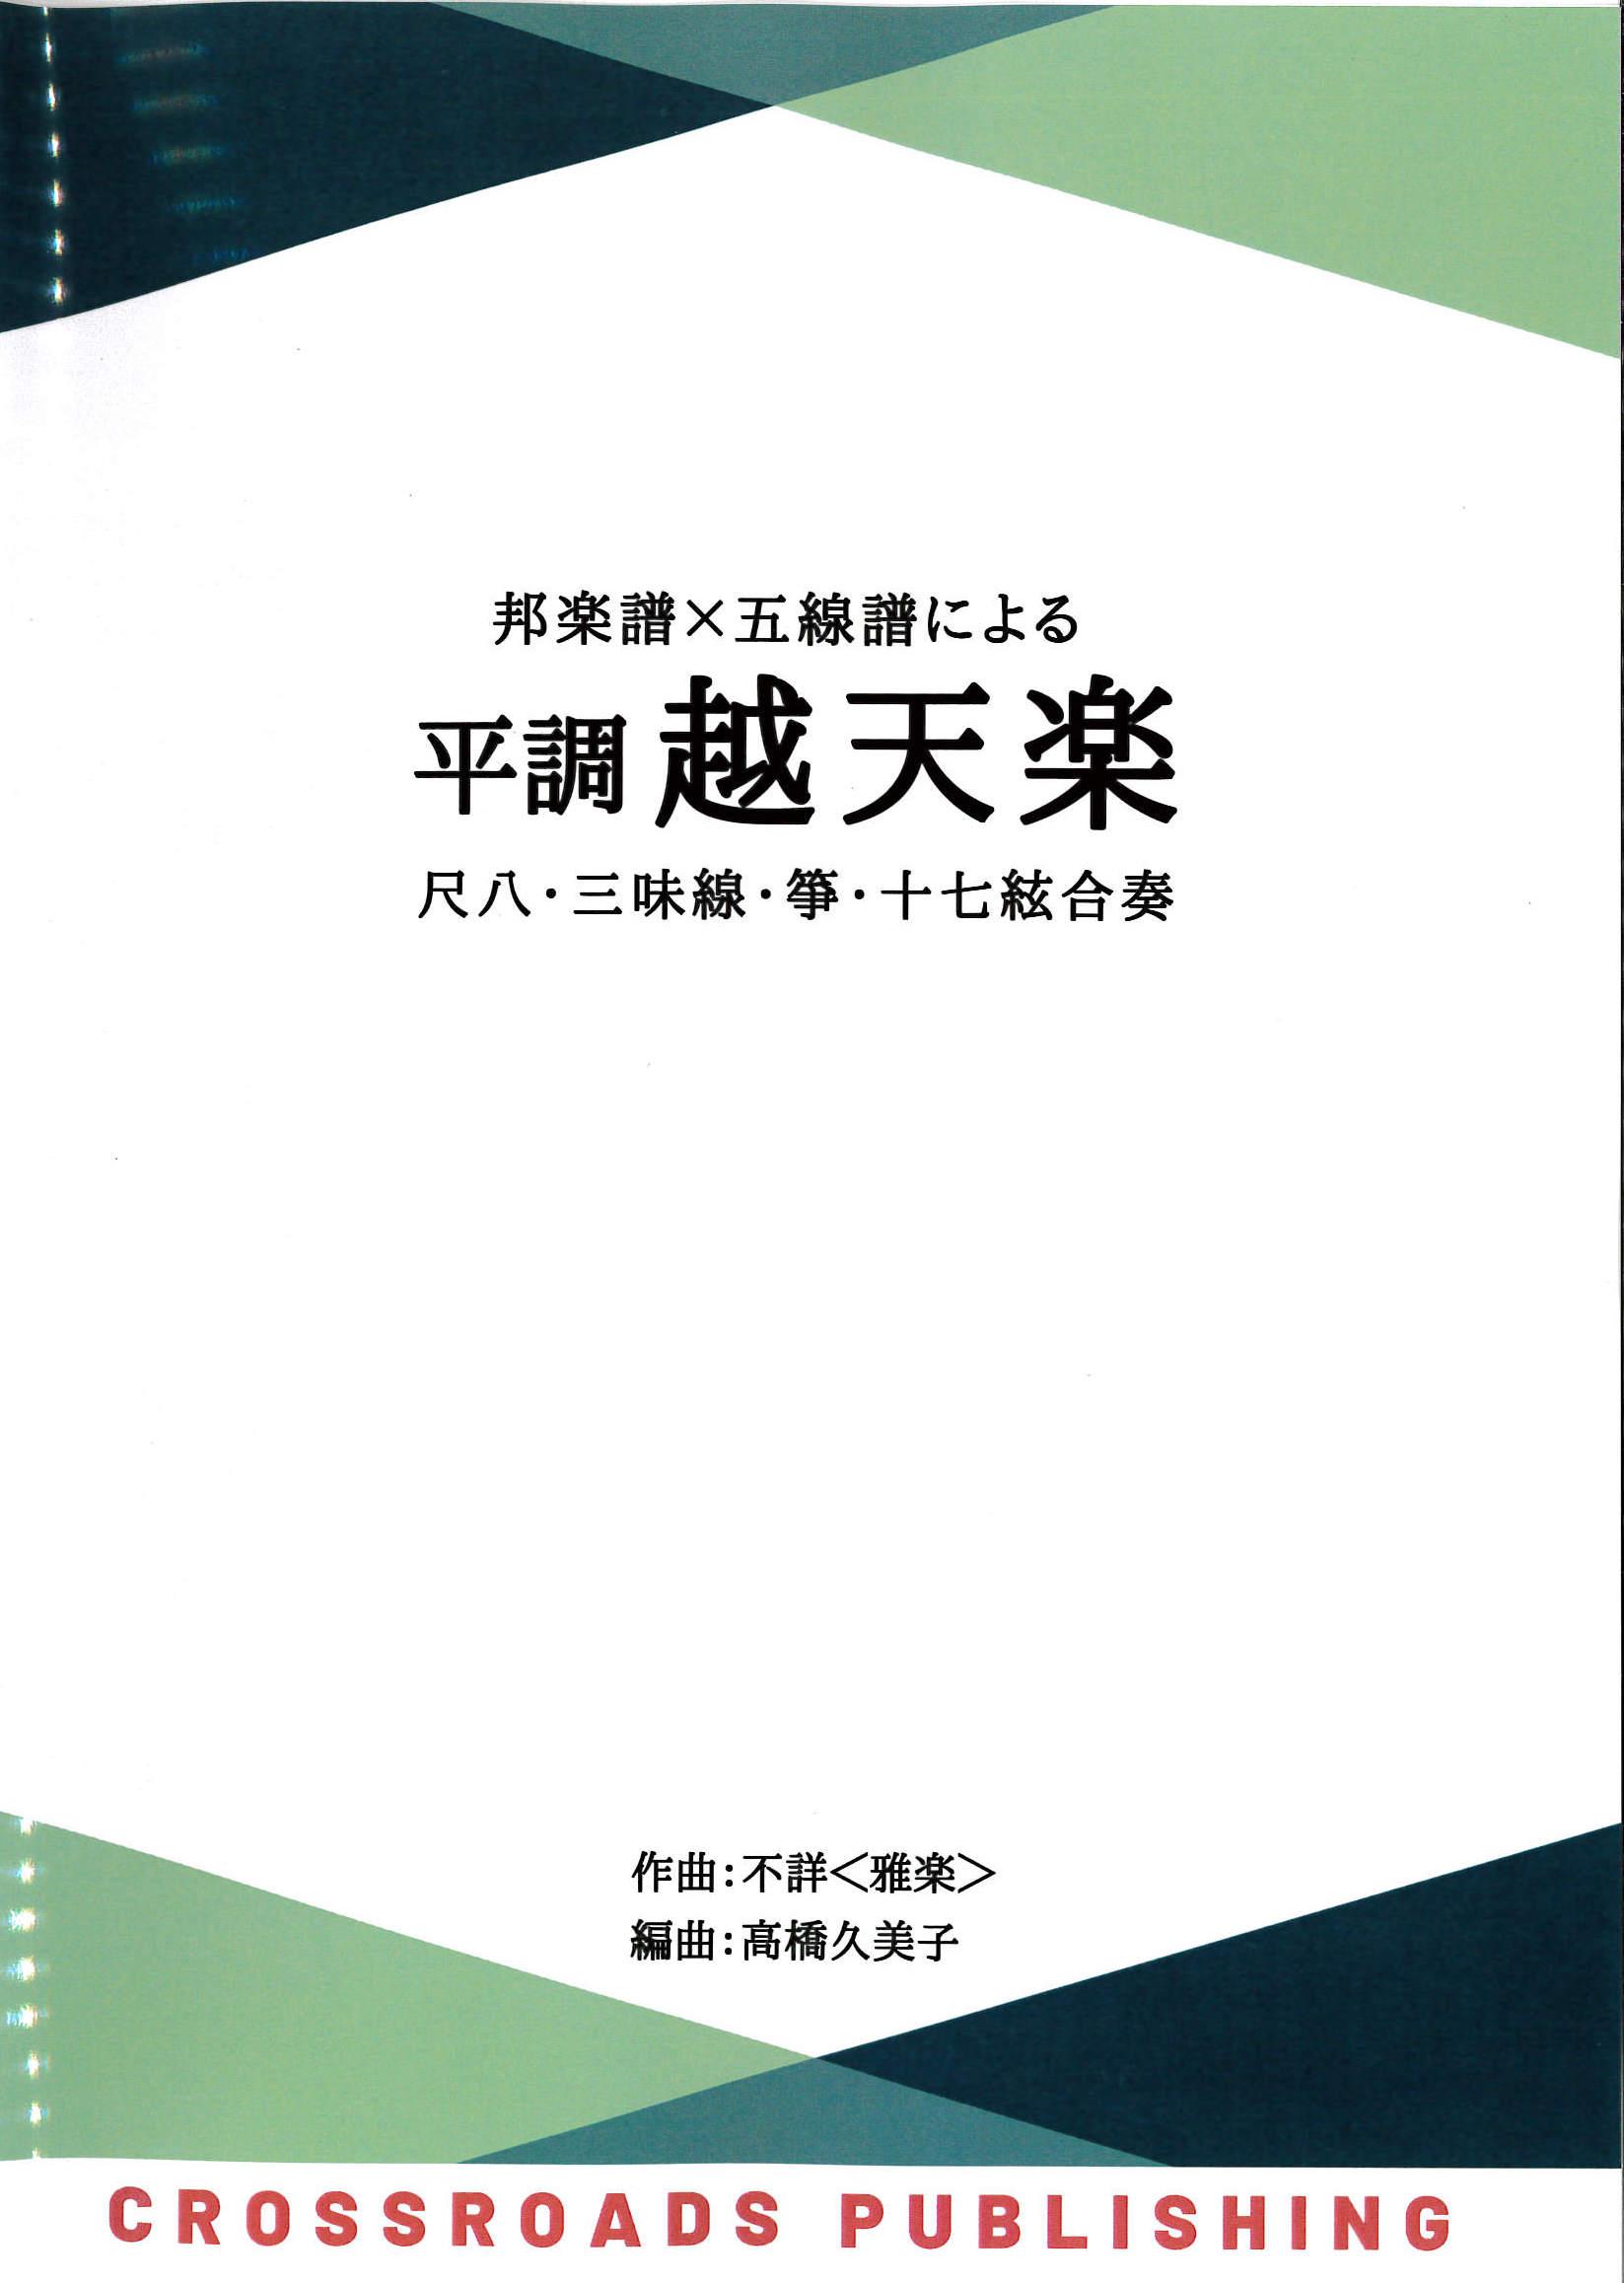 邦楽譜×五線譜による 平調 越天楽[5666]